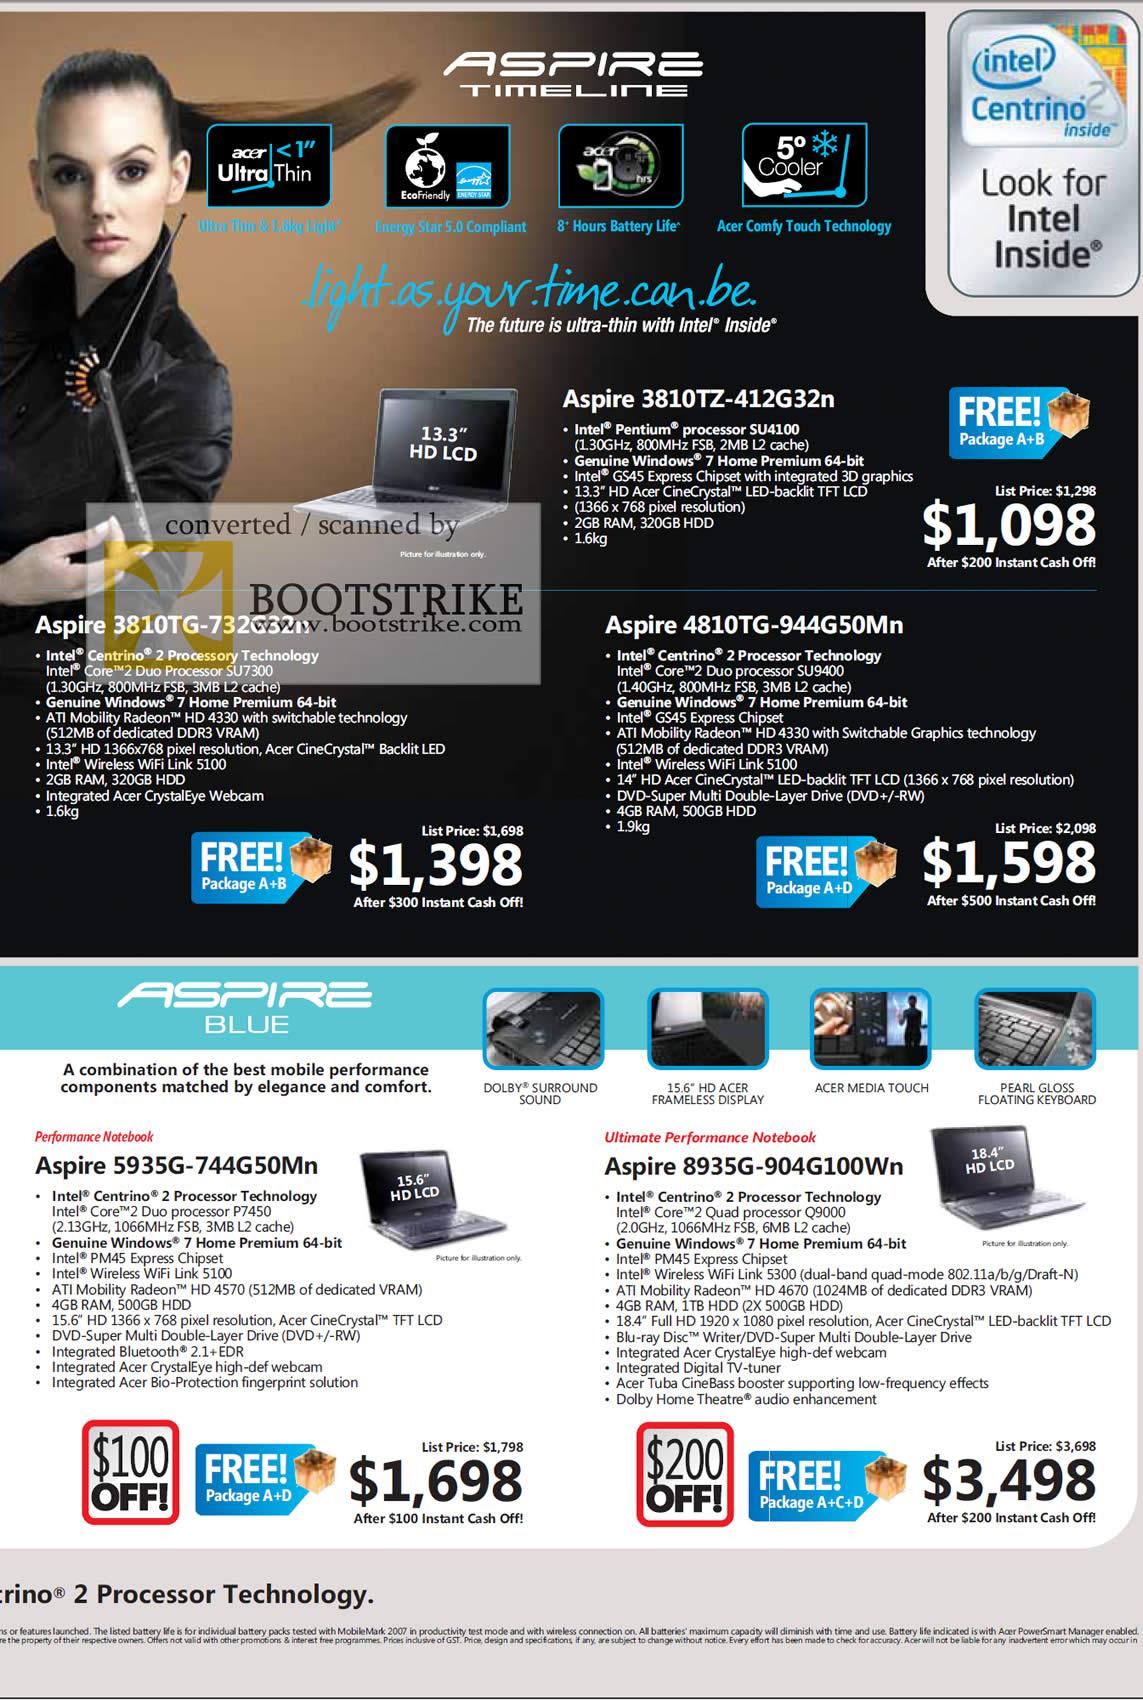 Sitex 2009 price list image brochure of Acer Aspire Timeline 3810TZ 4810TG 3810TG Blue 5935G 8935G